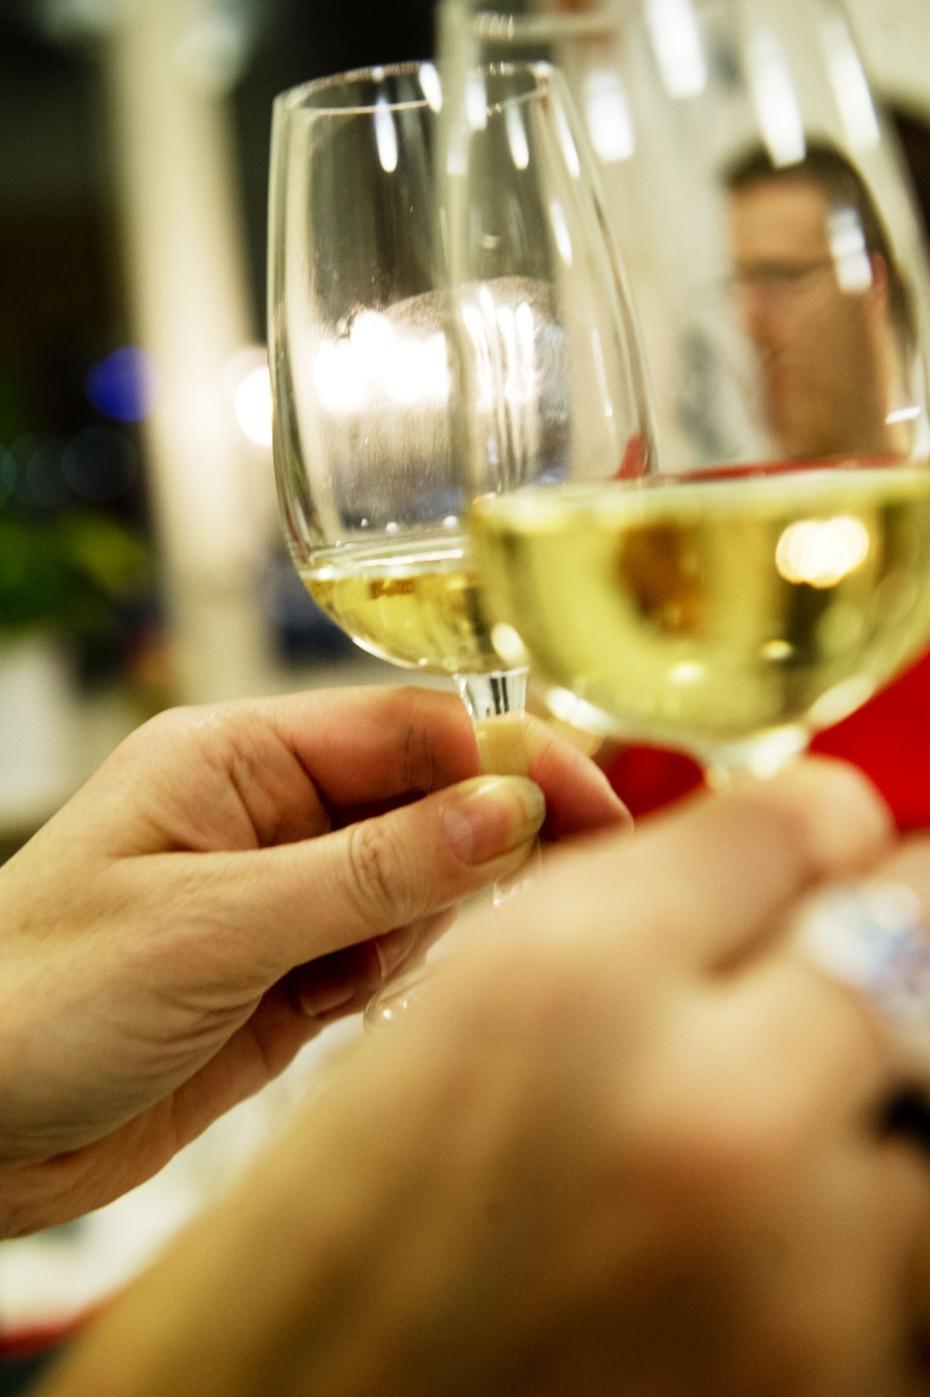 Gar champagnen att dricka eller salja